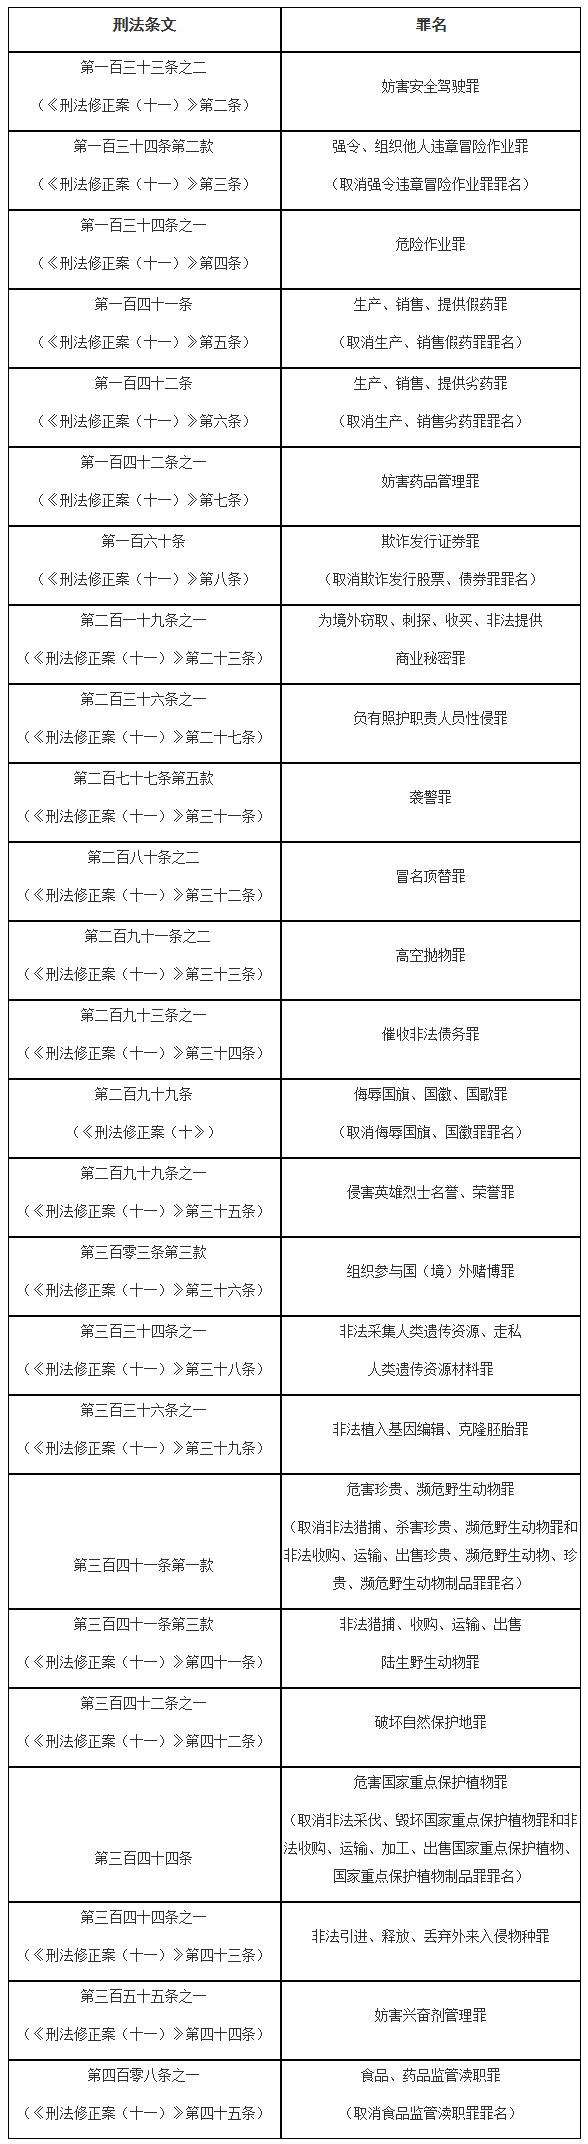 中考政治法律知識點:《中華人民共和國刑法》確定罪名的補充規定